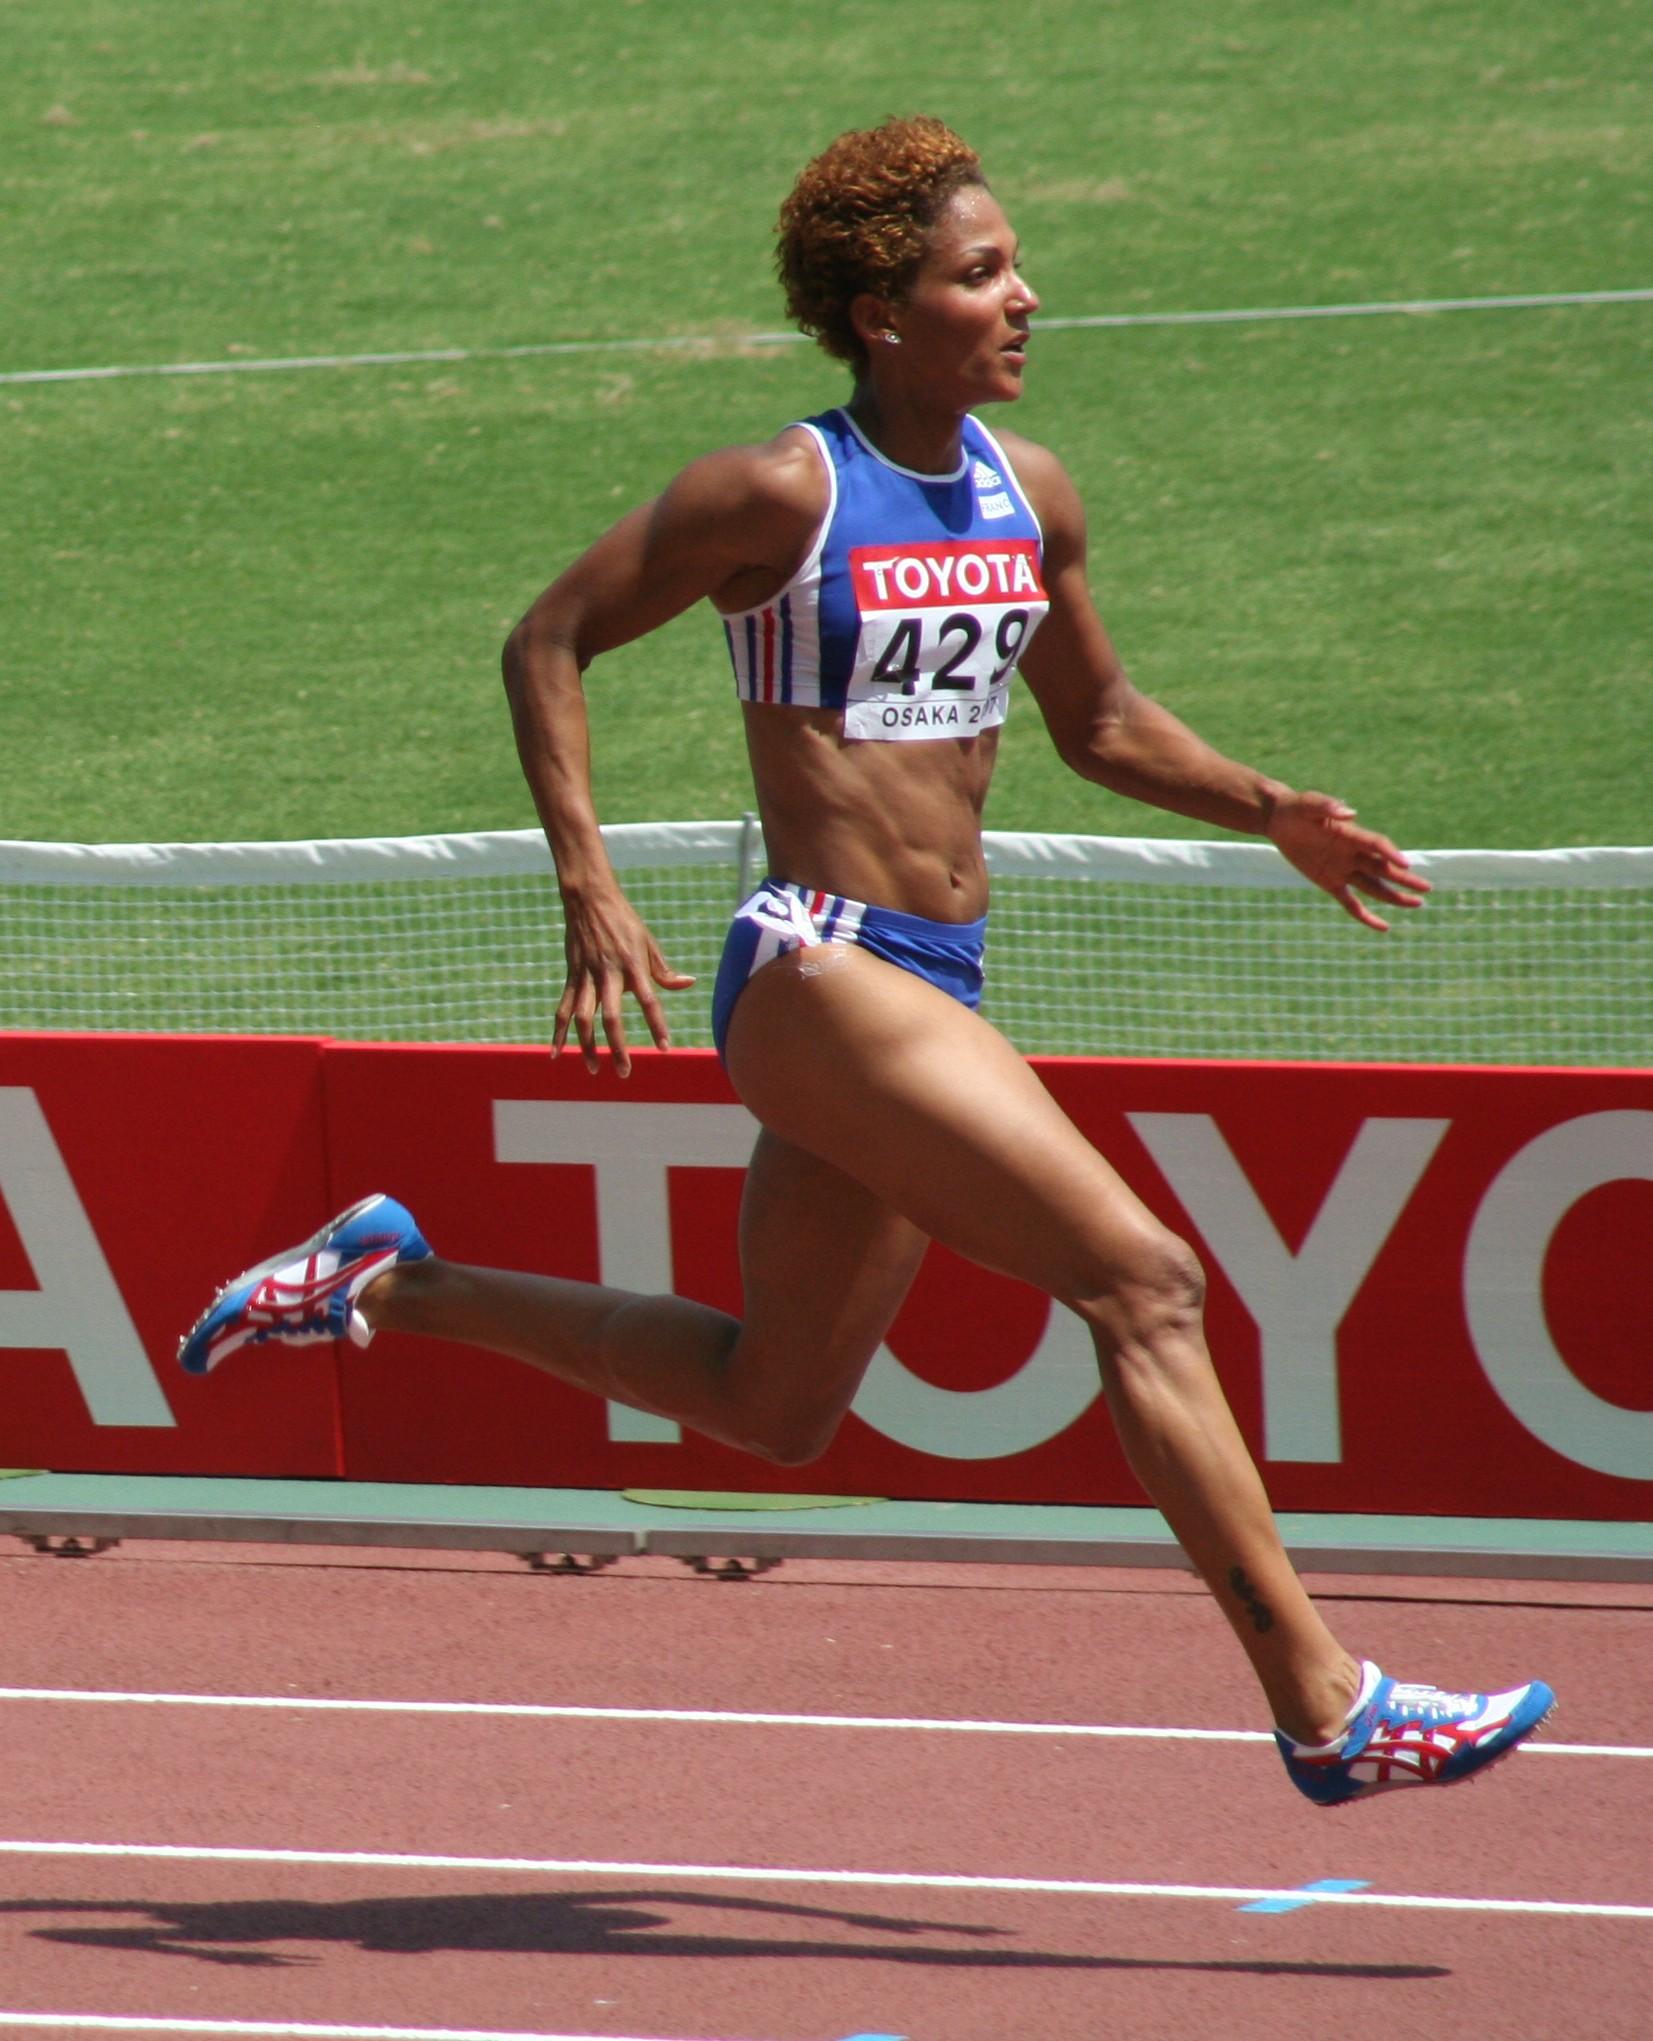 Эстафетный бег: правила соревнований, виды дистанции, палочка и ее передача